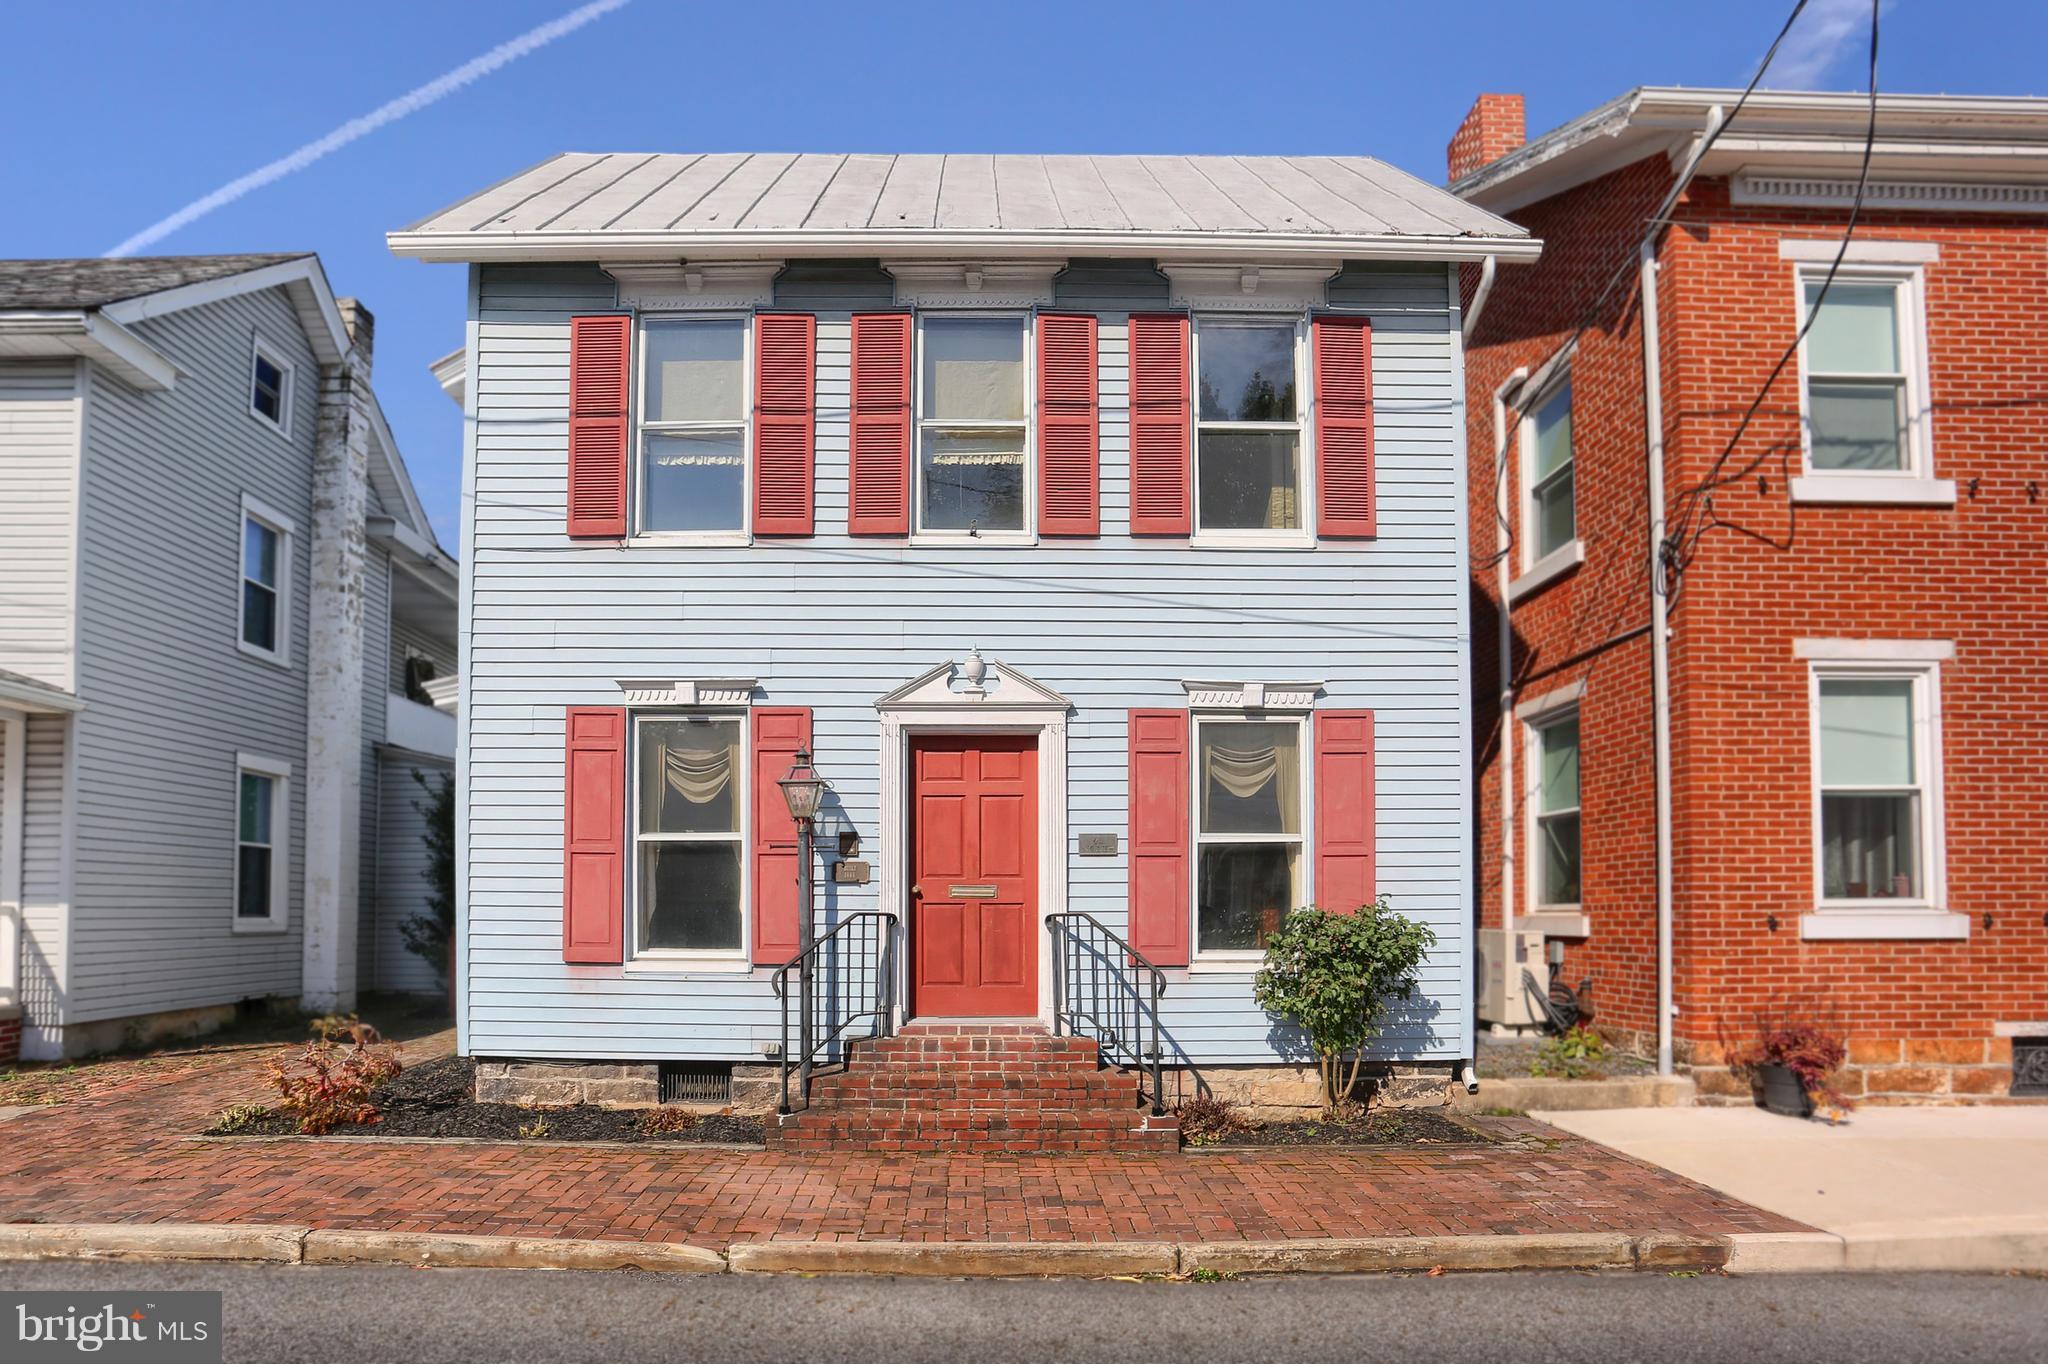 411 NORTH STREET, MILLERSBURG, PA 17061